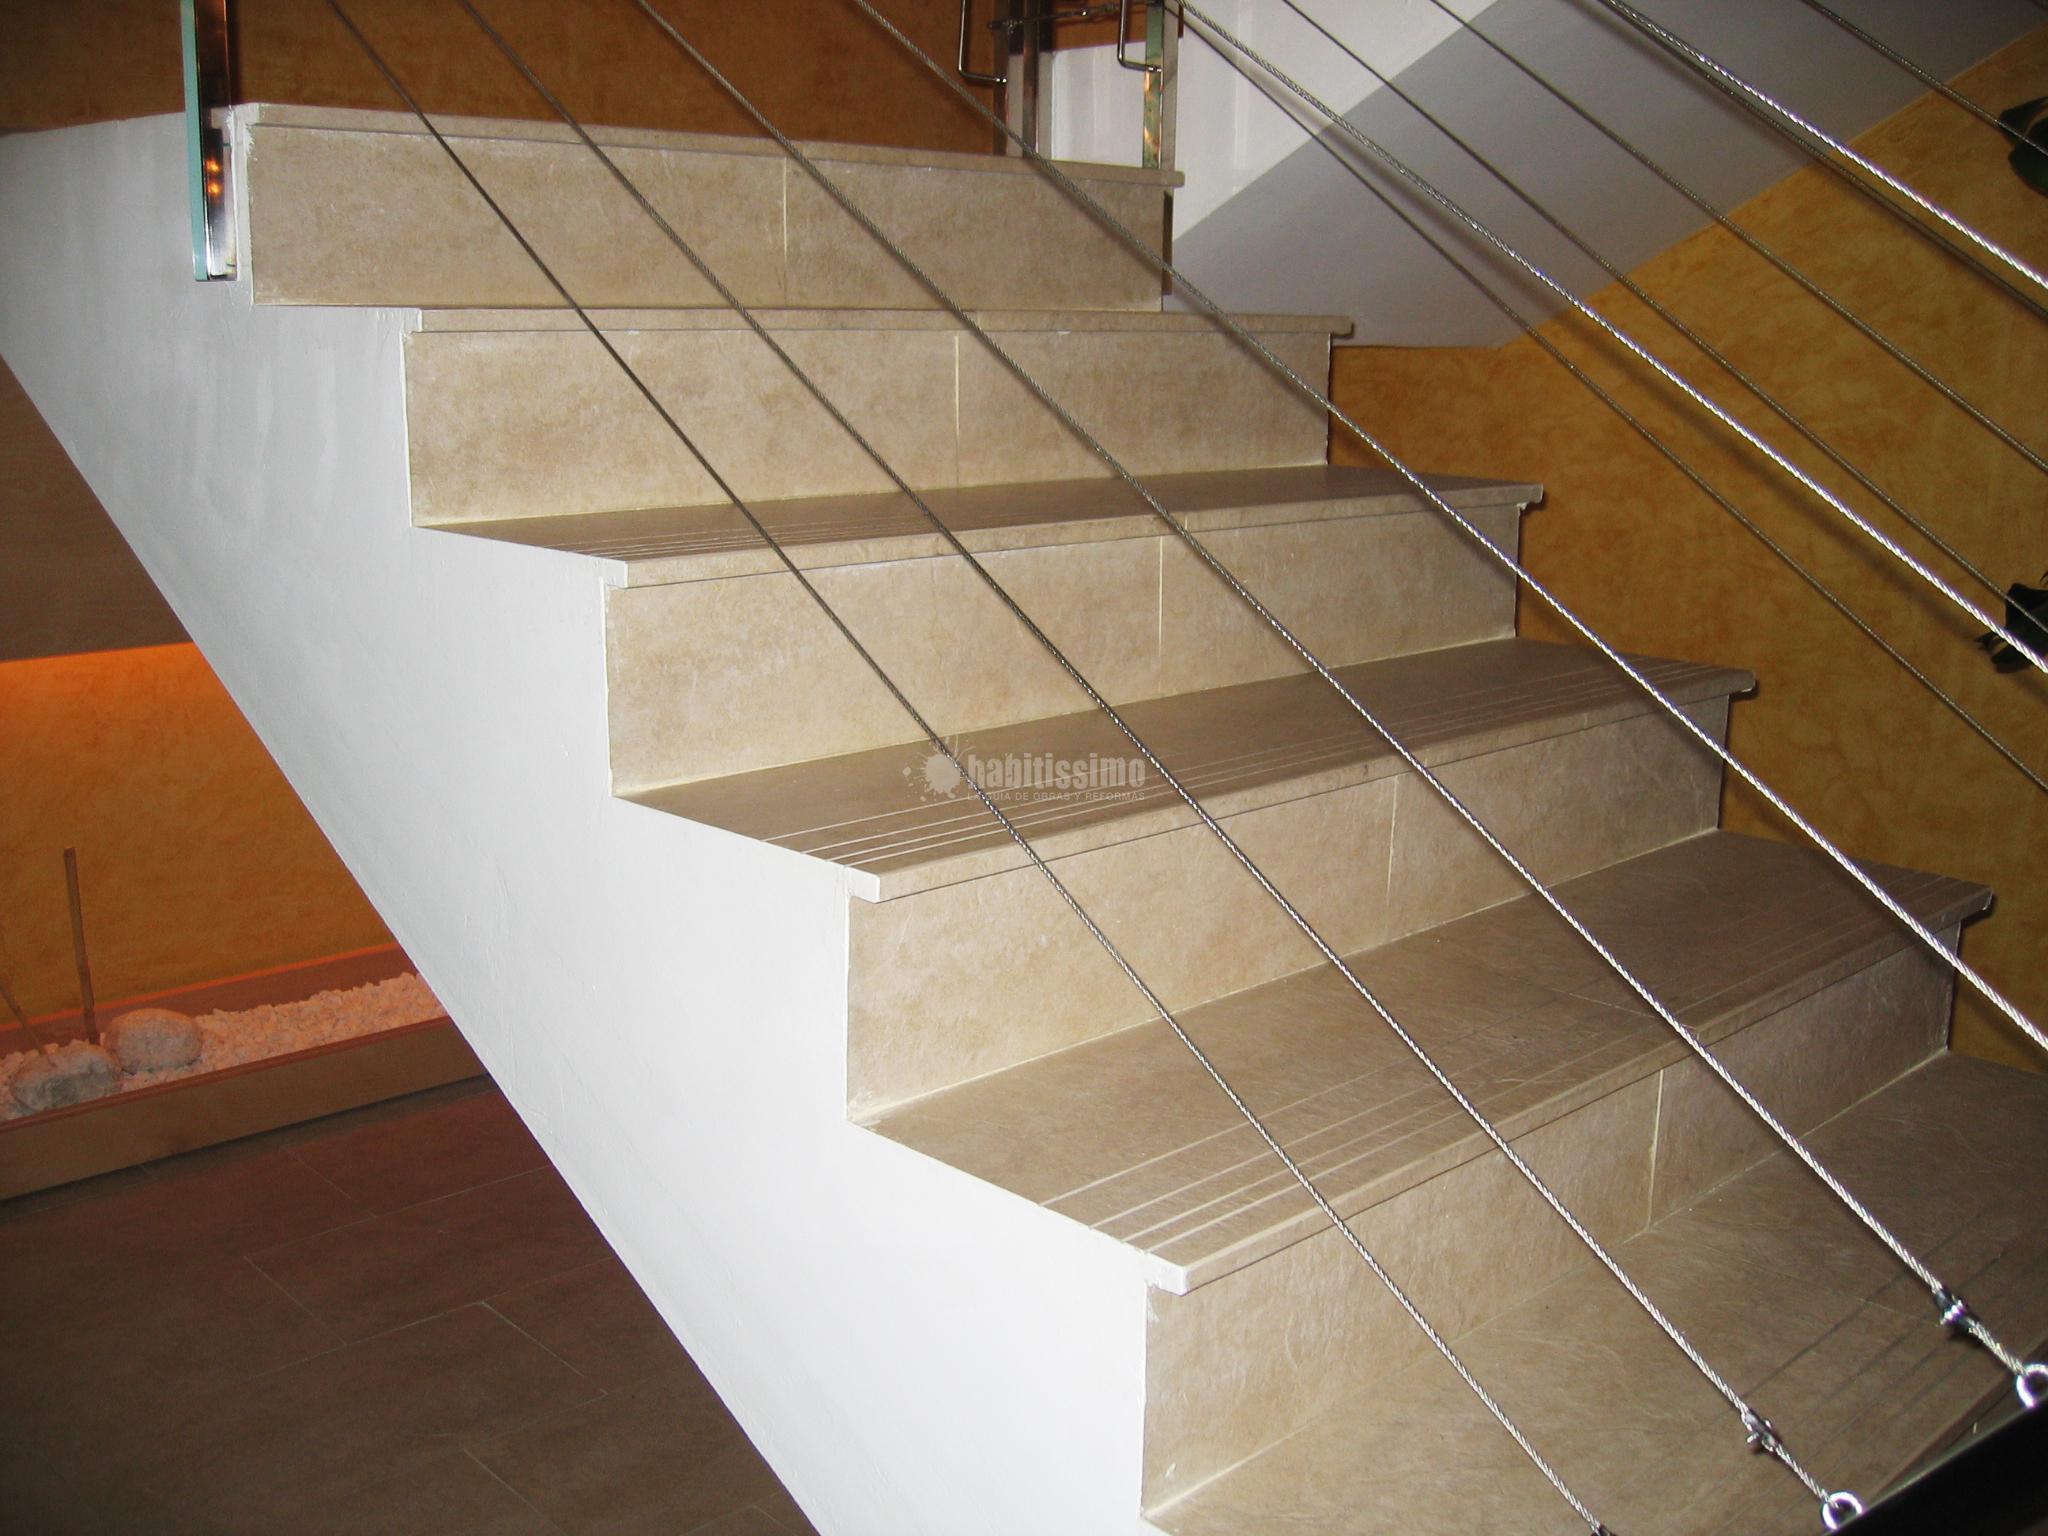 Escalera con pelda os porcel nicos ideas alba iles - Peldanos de escaleras ...